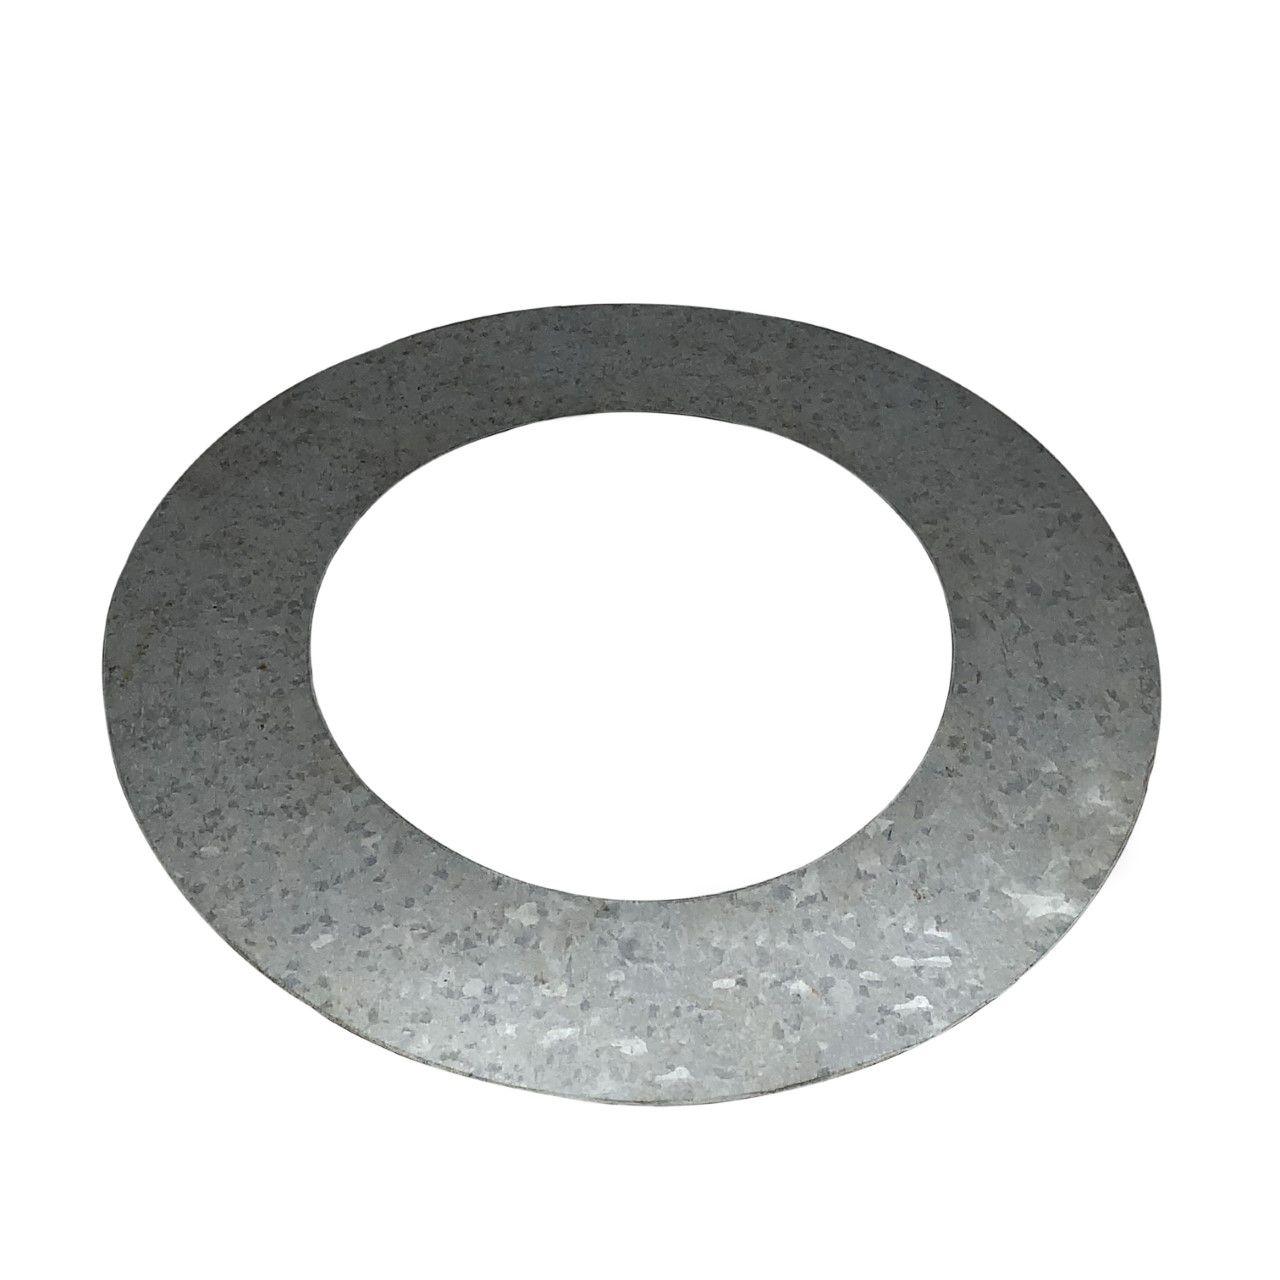 Anel de acabamento galvanizado para laje ou parede para dutos de 200 mm de diâmetro  - Galvocalhas